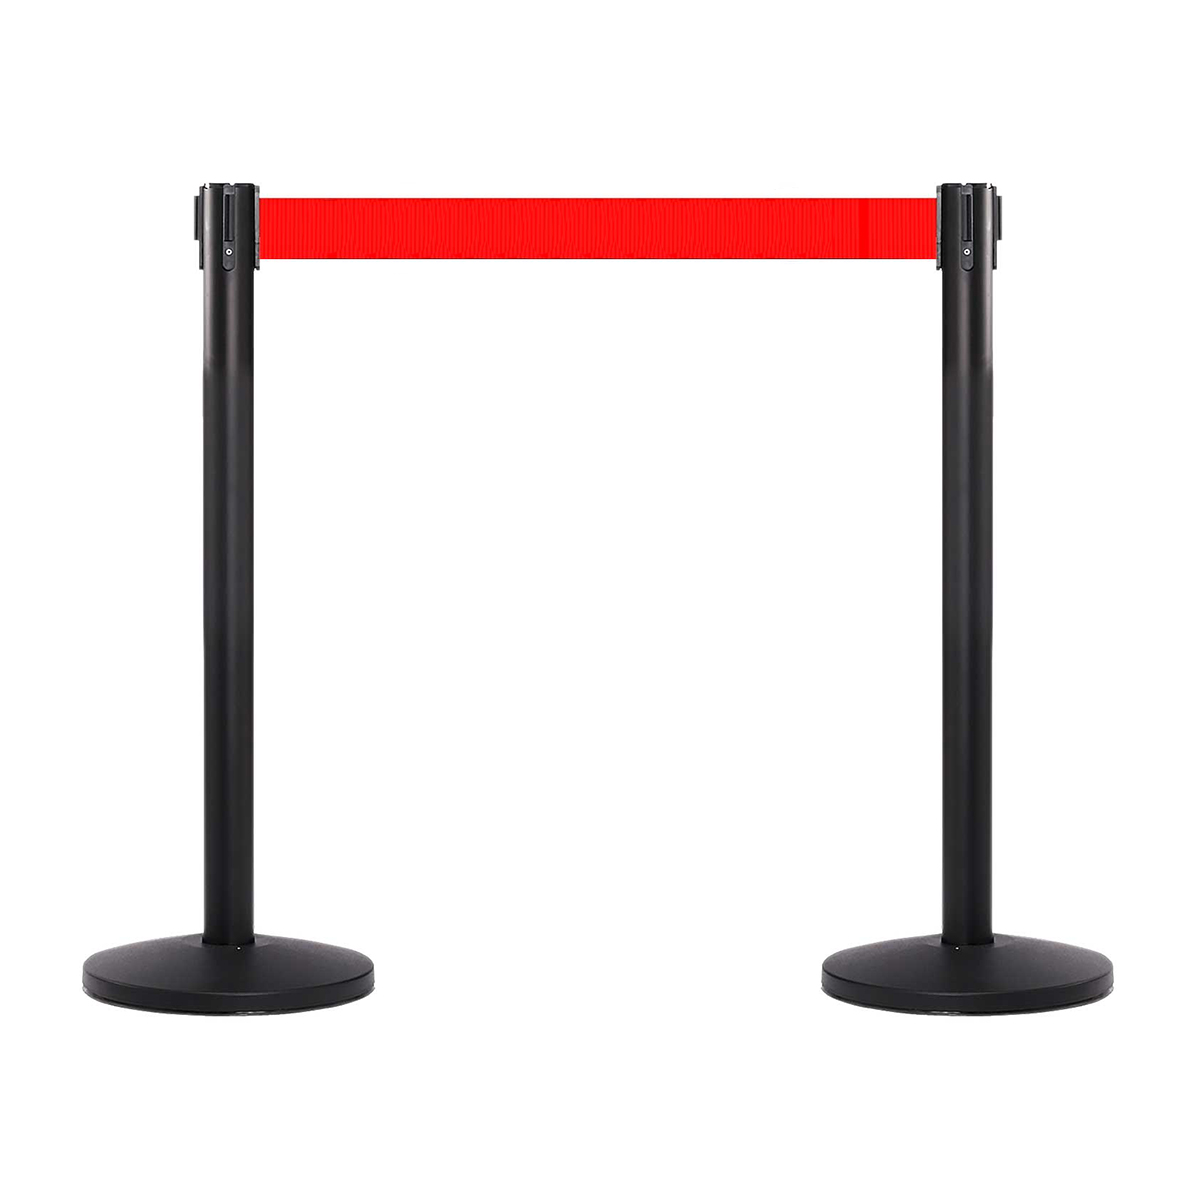 Stâlp pentru delimitare trafic, NEGRU, cu bandă roșie de 180 cm, retractabilă , JJ DISPLAYS